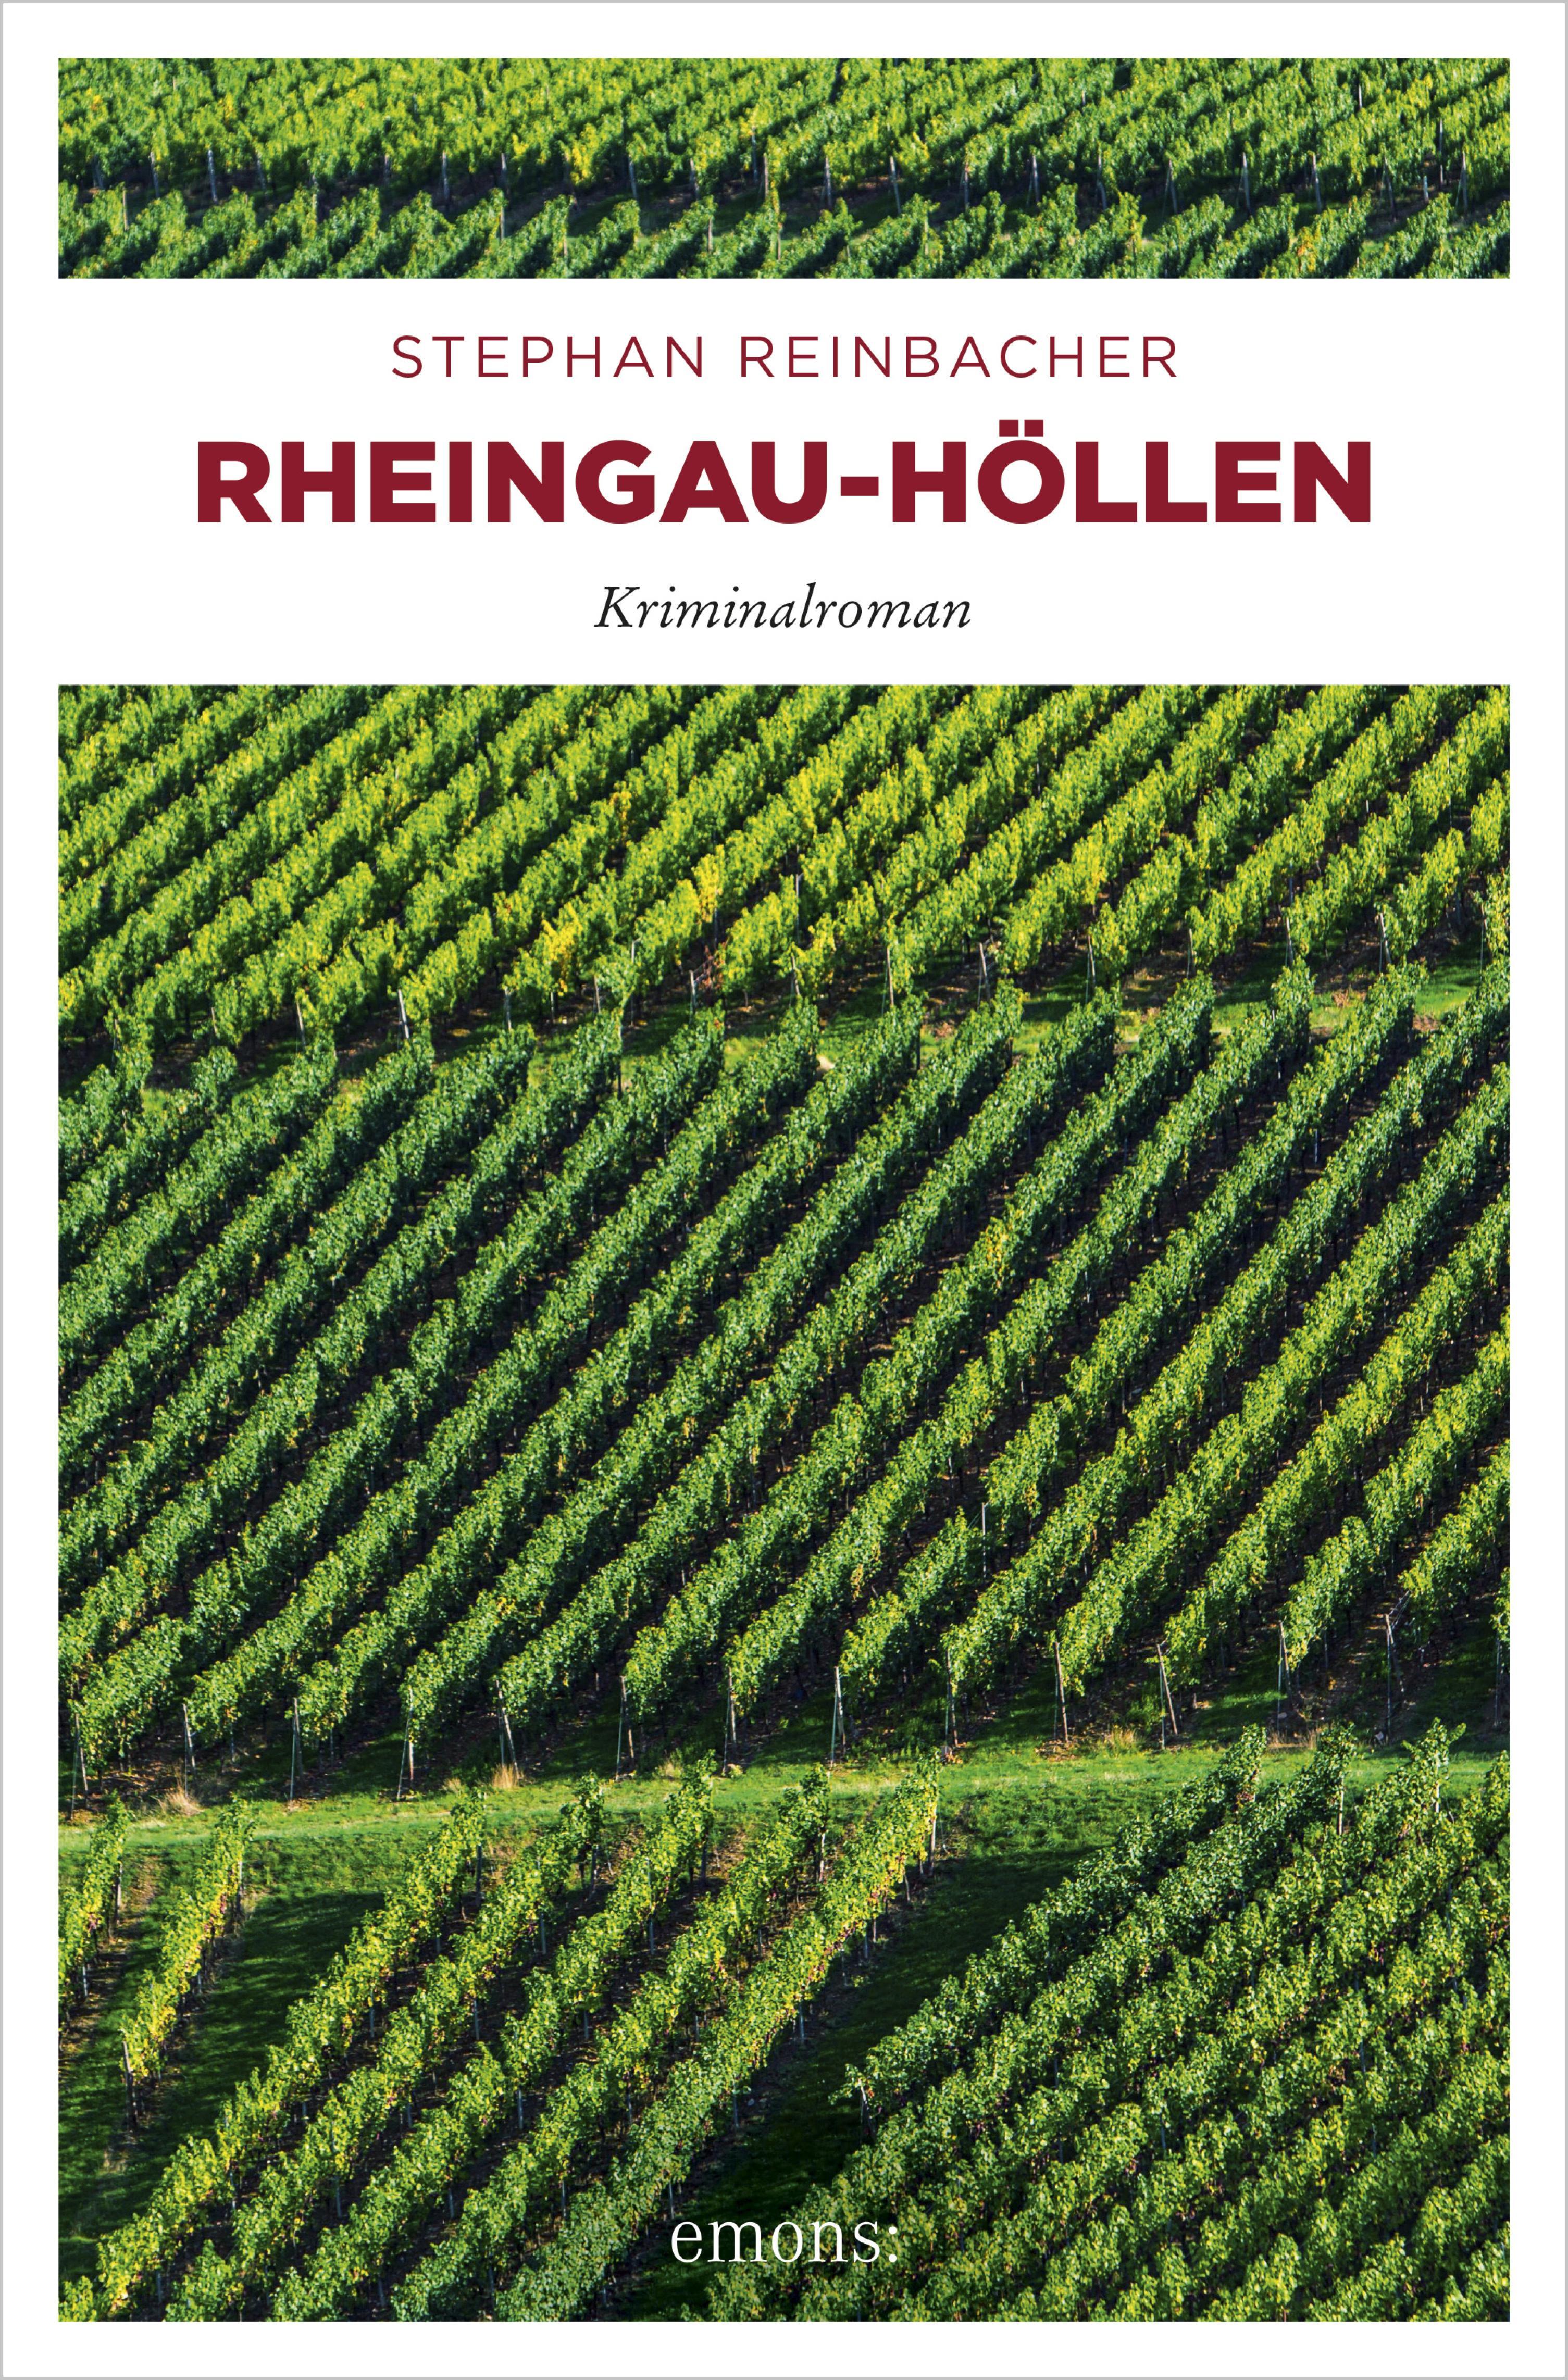 Stephan Reinbacher Rheingau-Höllen